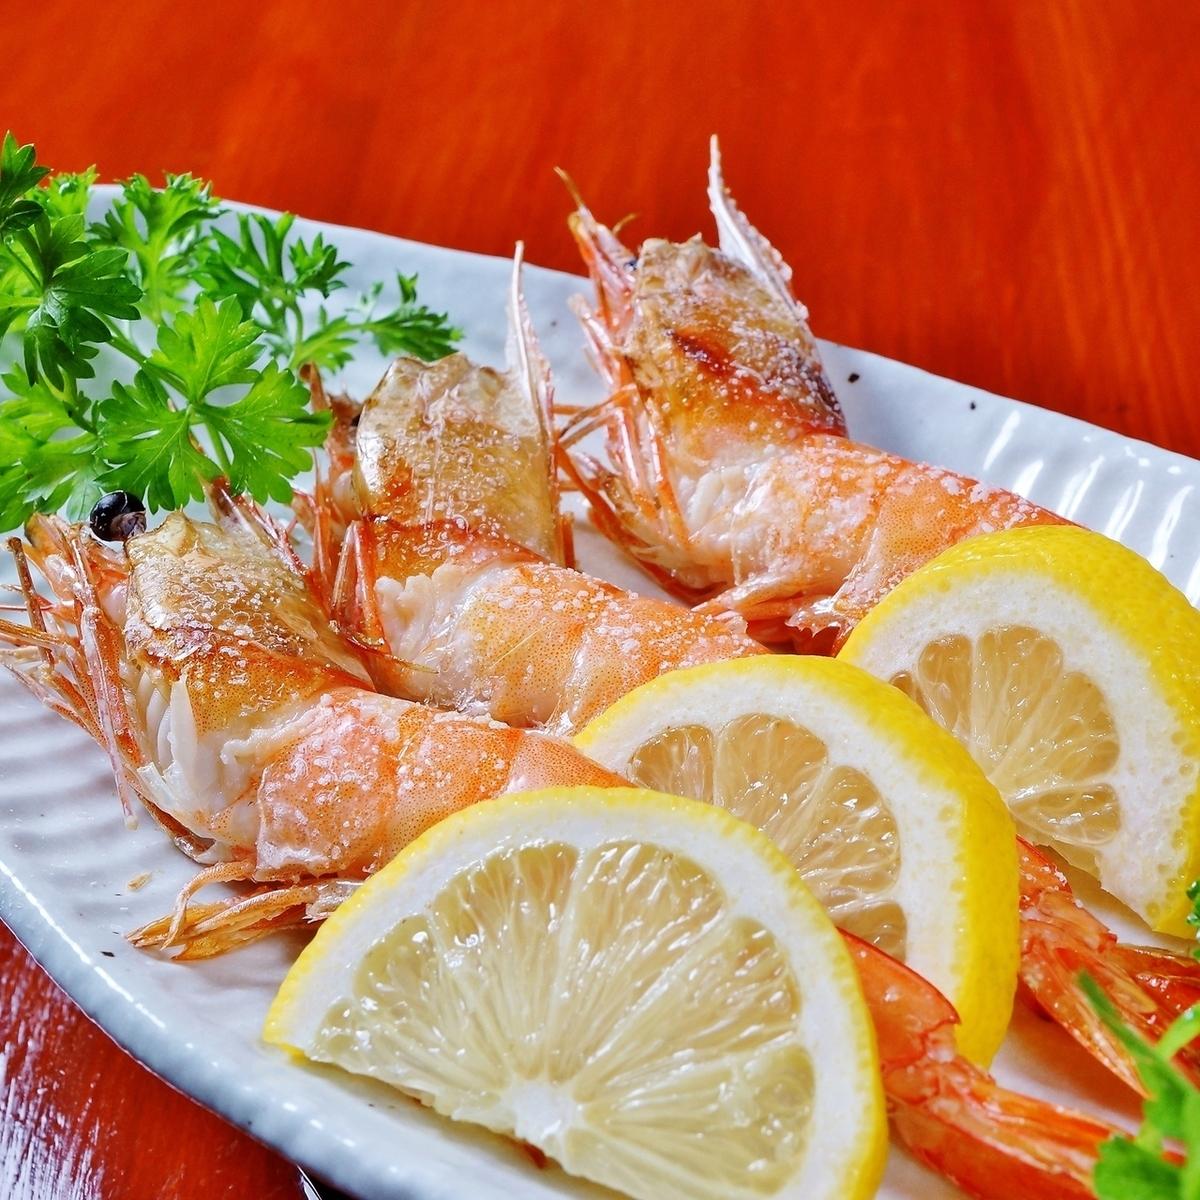 天使的虾盐烤(3条鱼)